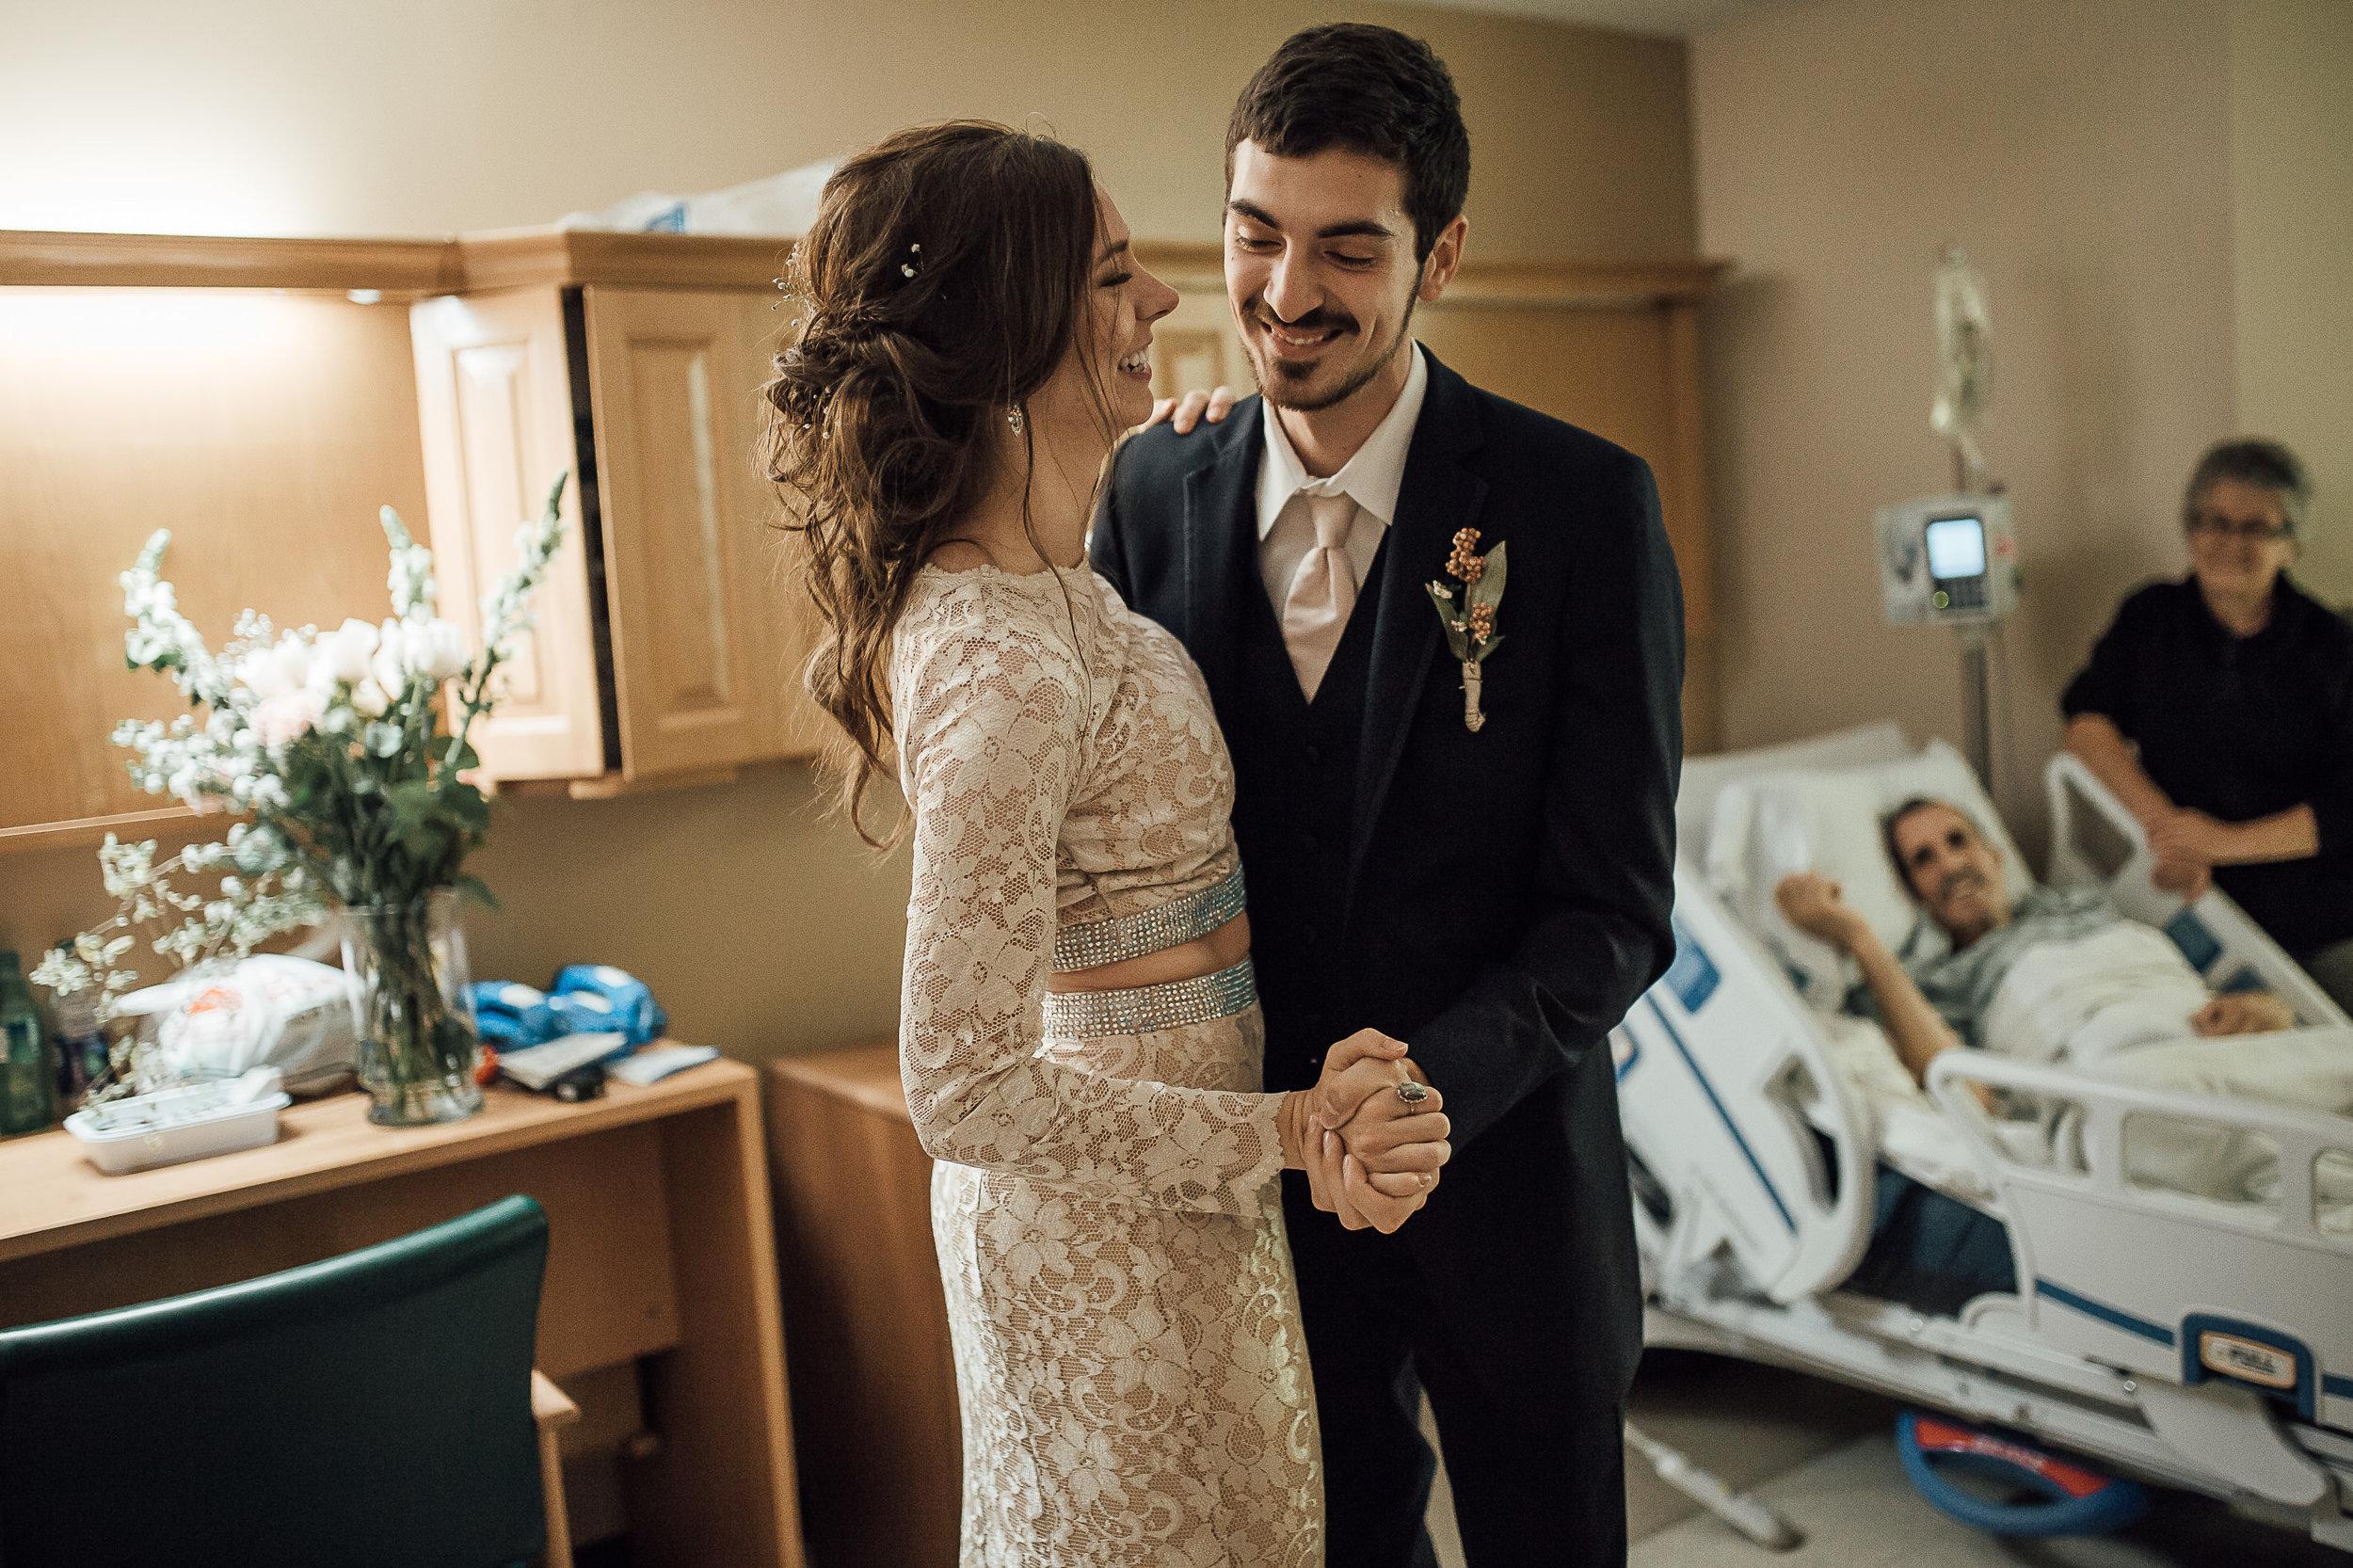 memphis-wedding-photographer-cassie-cook-photography-loya-first-dance-9.jpg